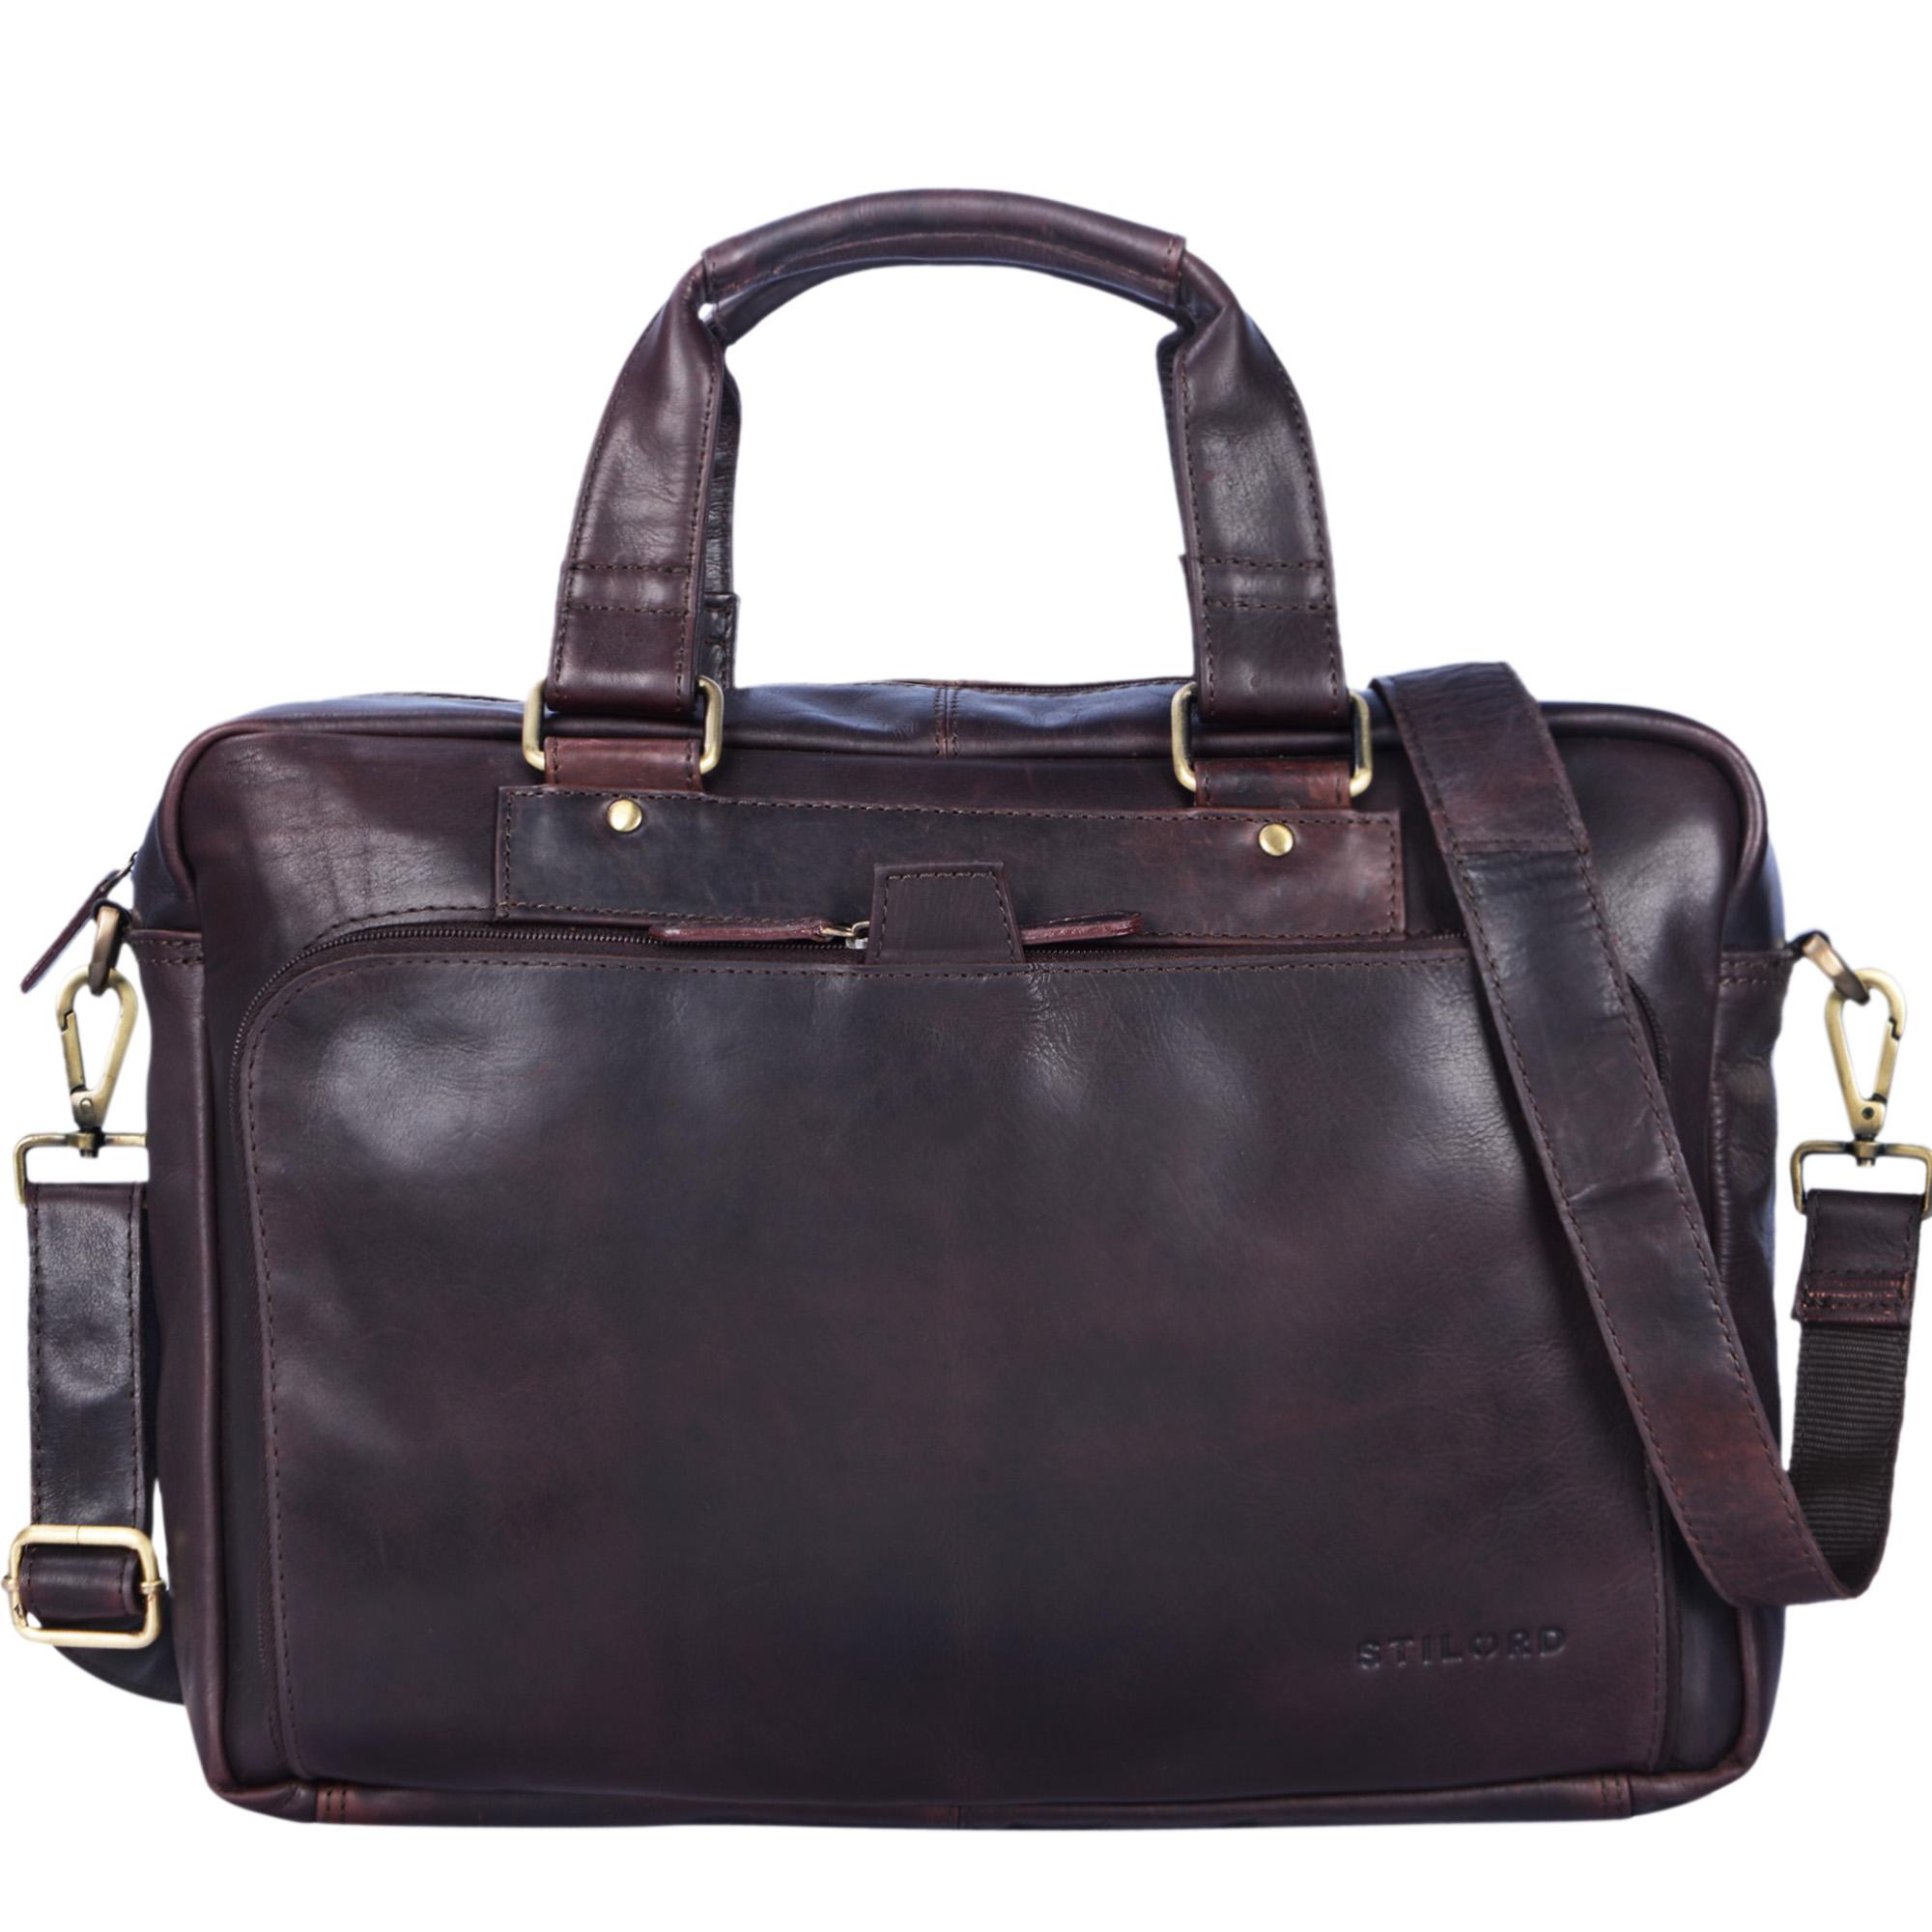 """STILORD """"Jon"""" Vintage Leder Umhängetasche Herren Damen Laptoptasche 15.6 Zoll für große DIN A4 Aktenordner Business Büro Arbeit Uni echtes Büffelleder - Bild 3"""